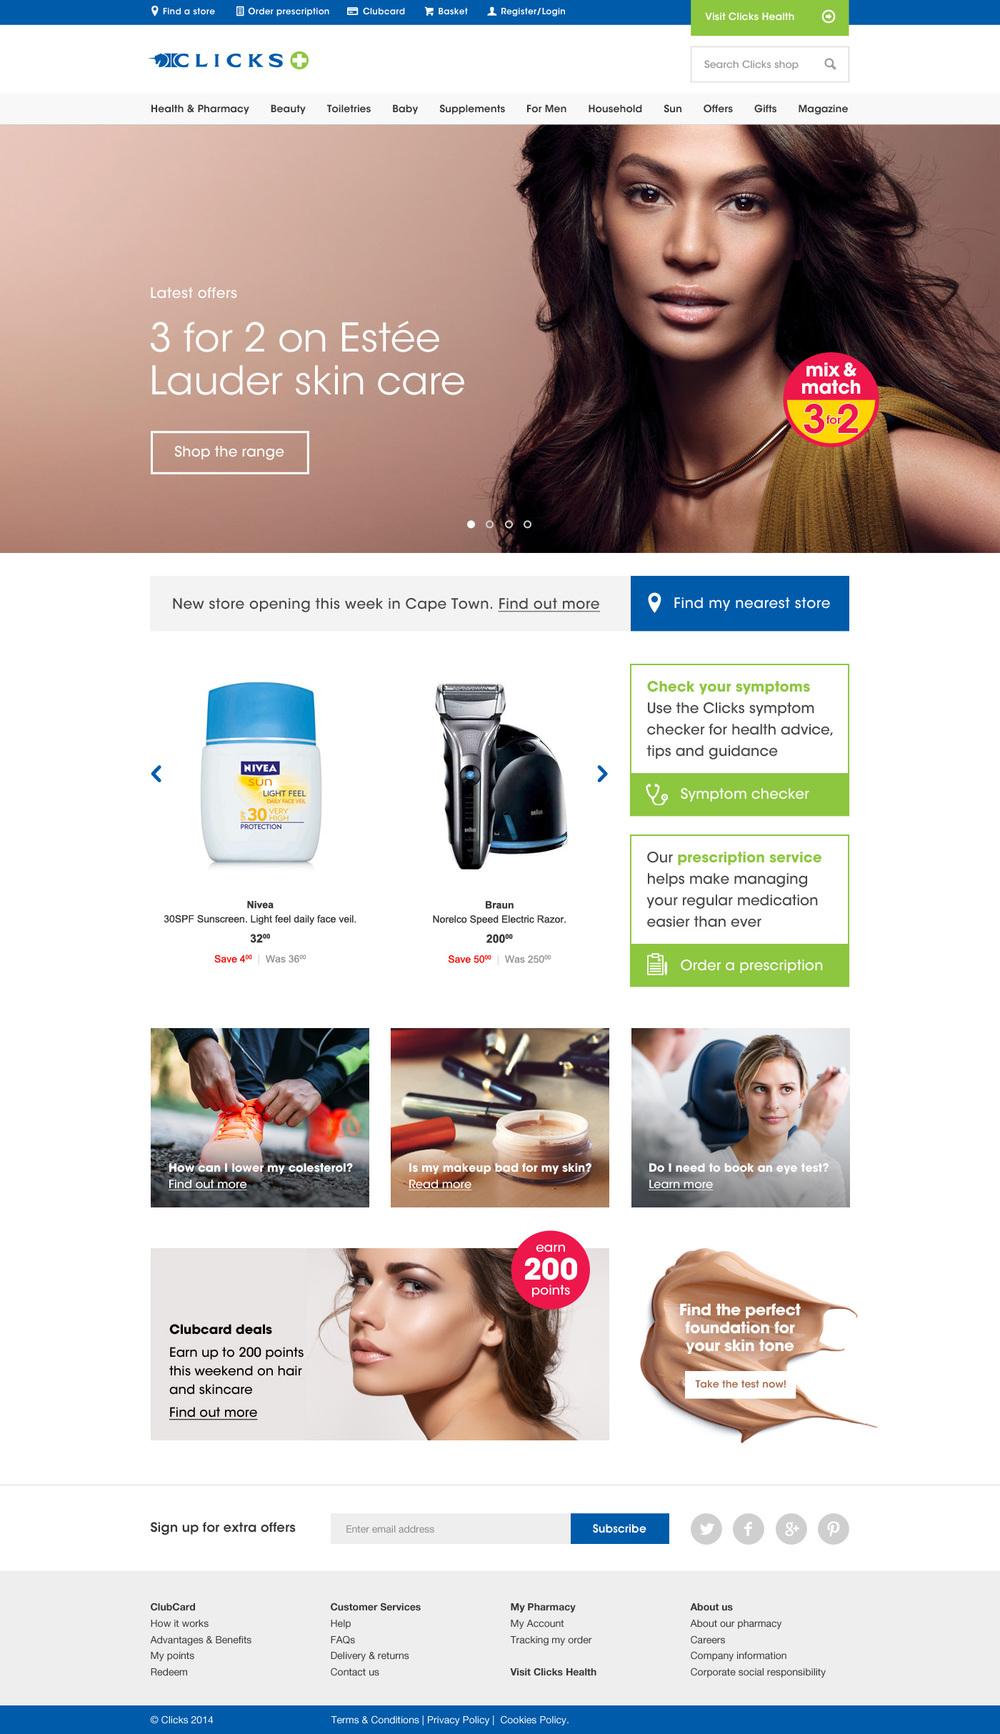 Clicks_Homepage_v1.jpg